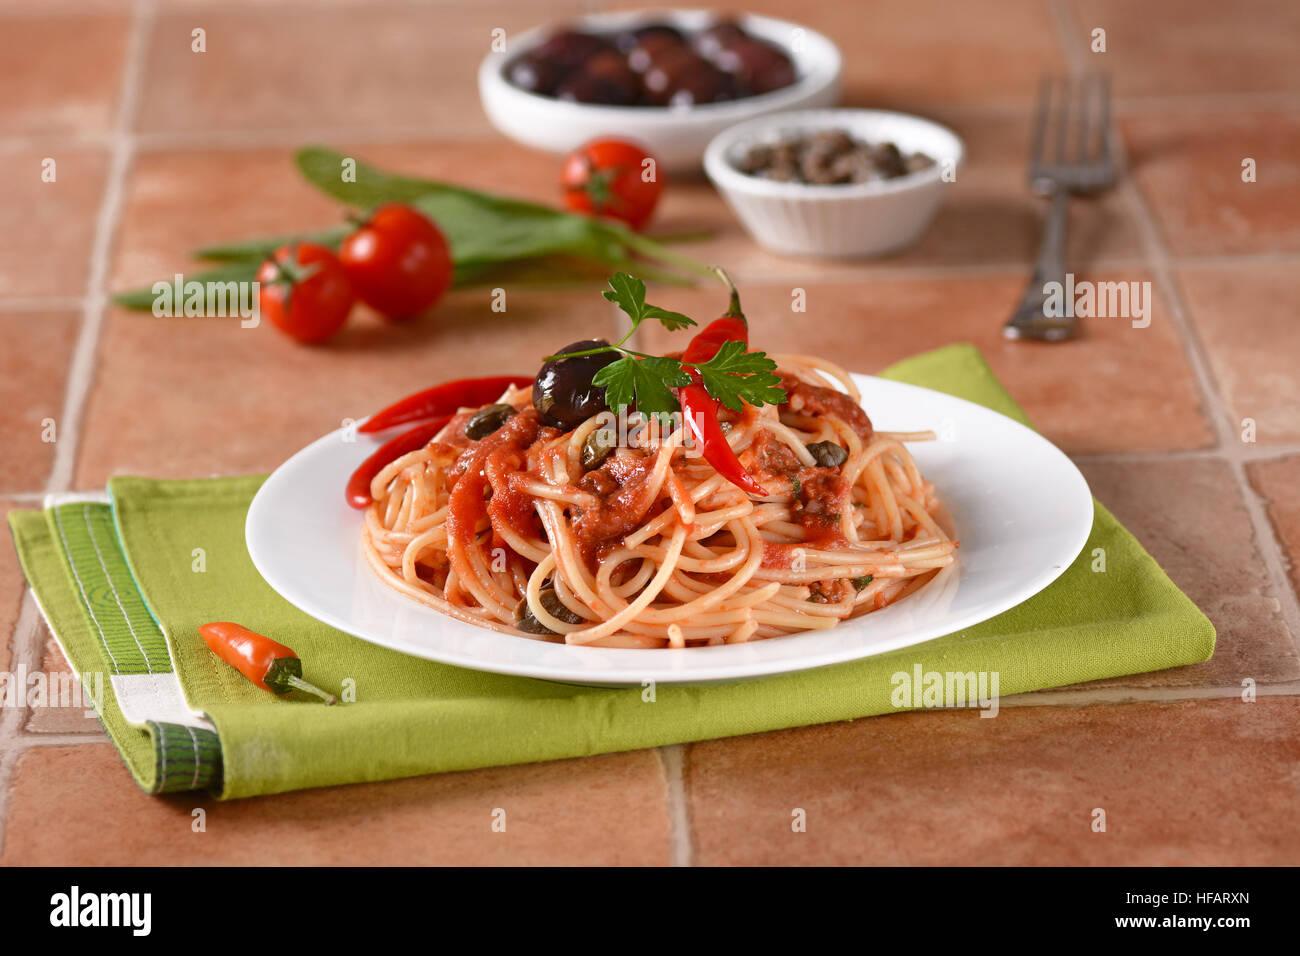 Spaghetti puttanesca - Traditional Italian recipe with anchovies, capers, tomato and chilli - Stock Image